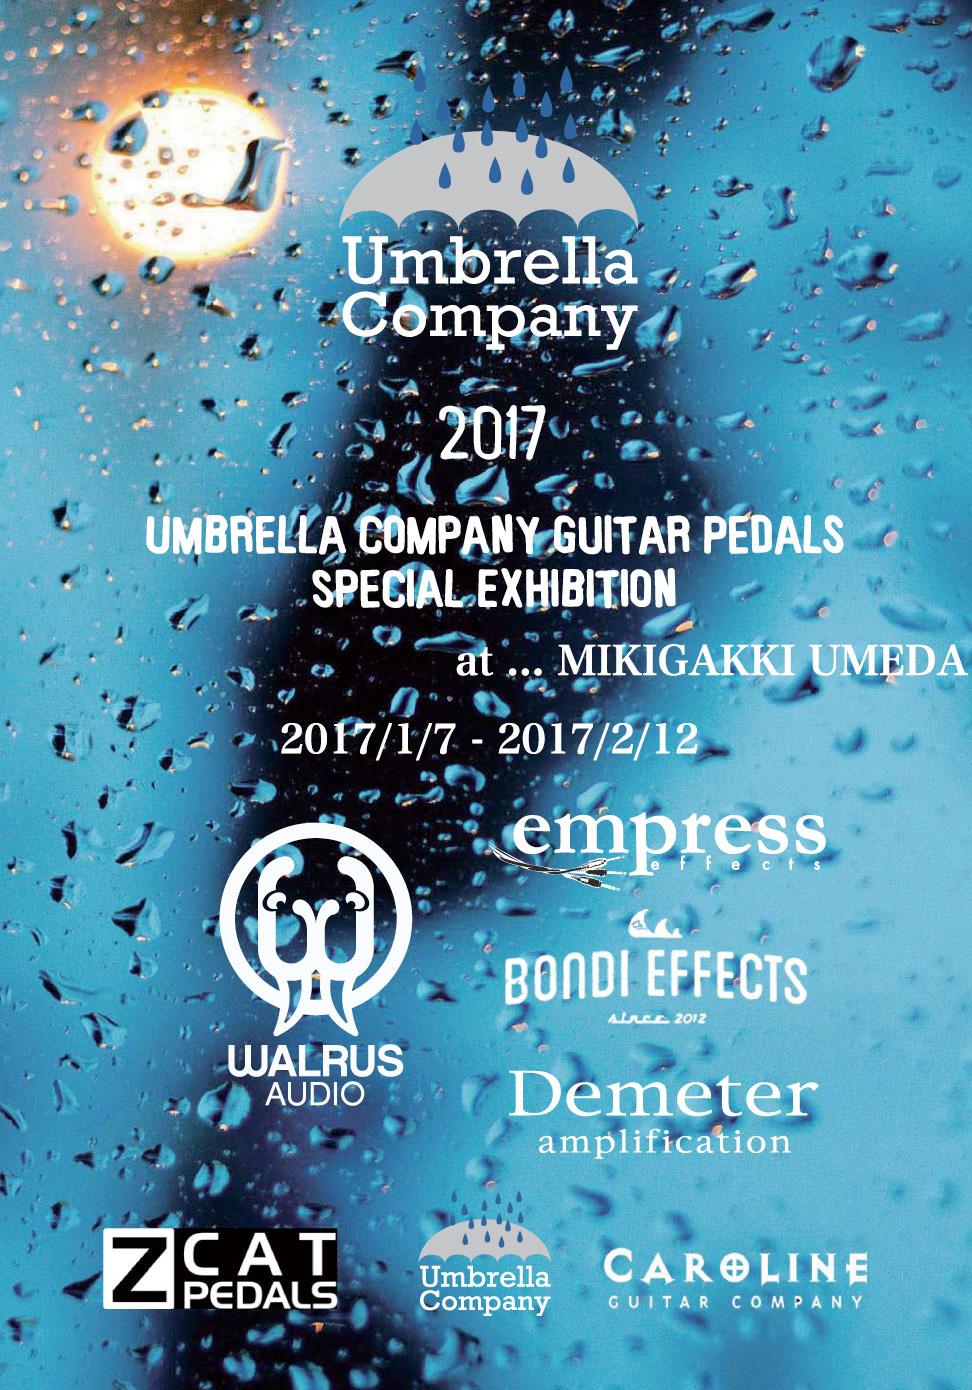 umbrella-company-pedal-festival-2017-miki-poster